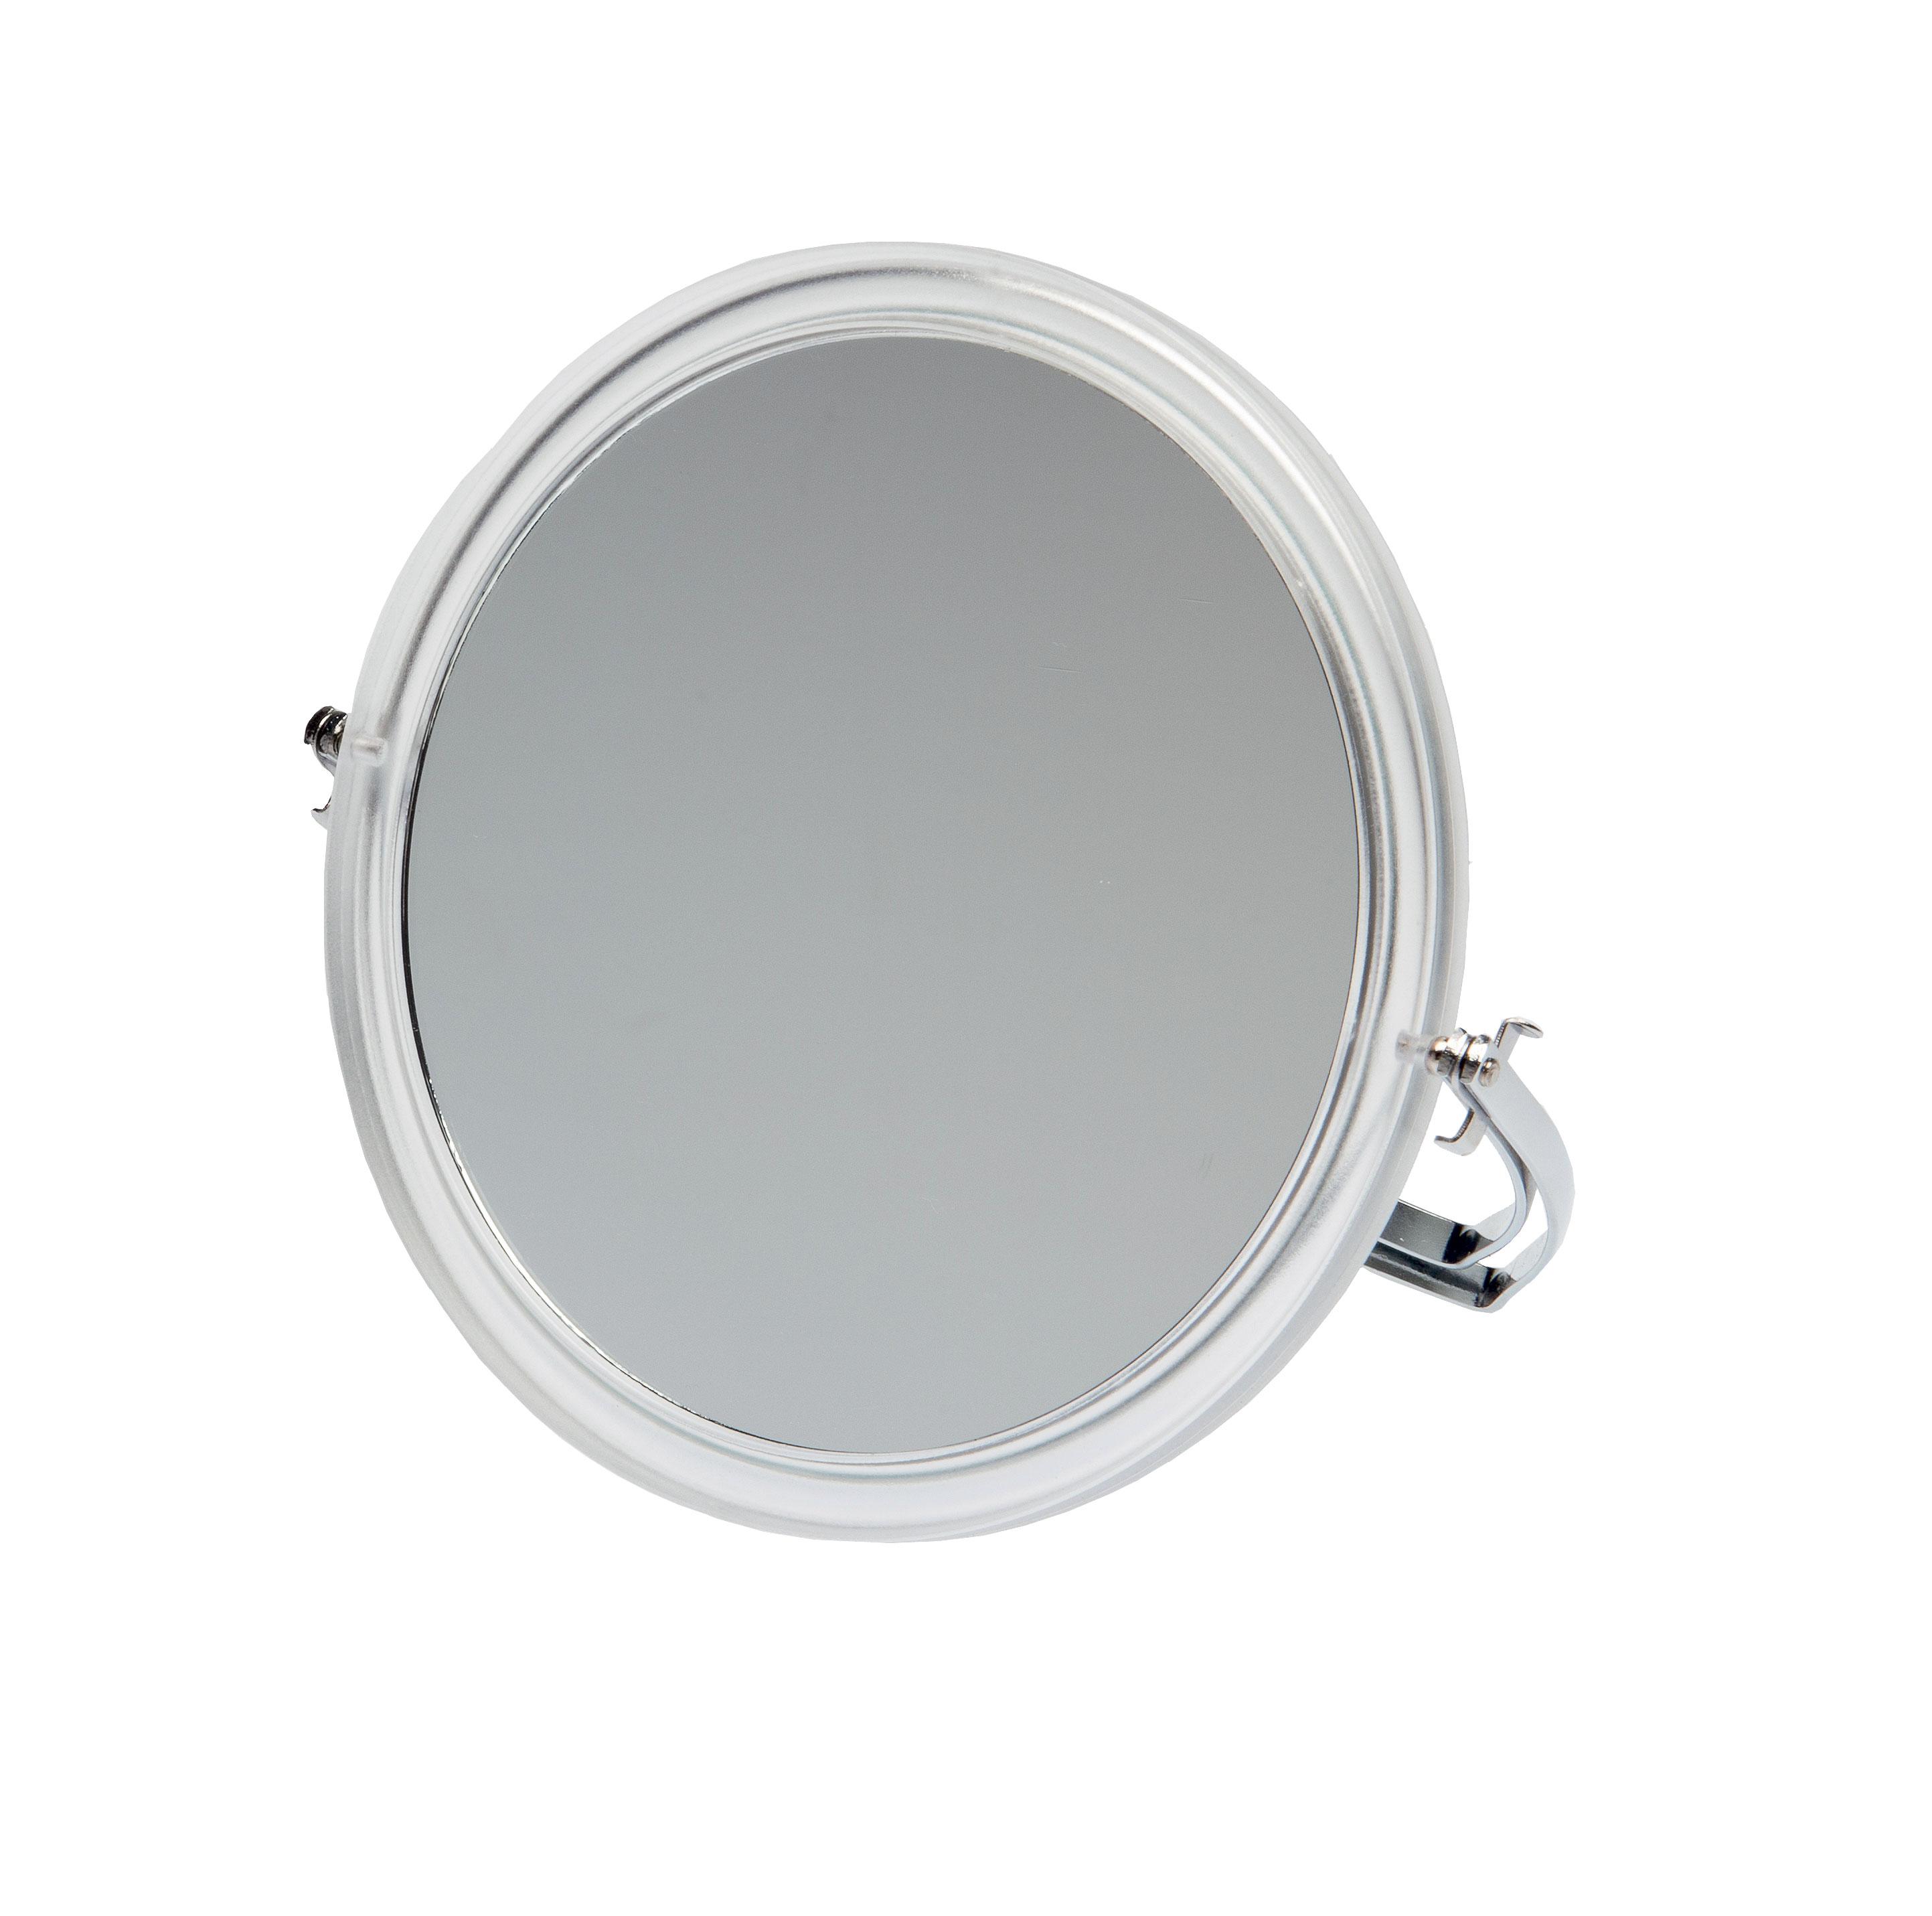 Зеркало Dewal Beauty настольное 165x163х10мм MR109